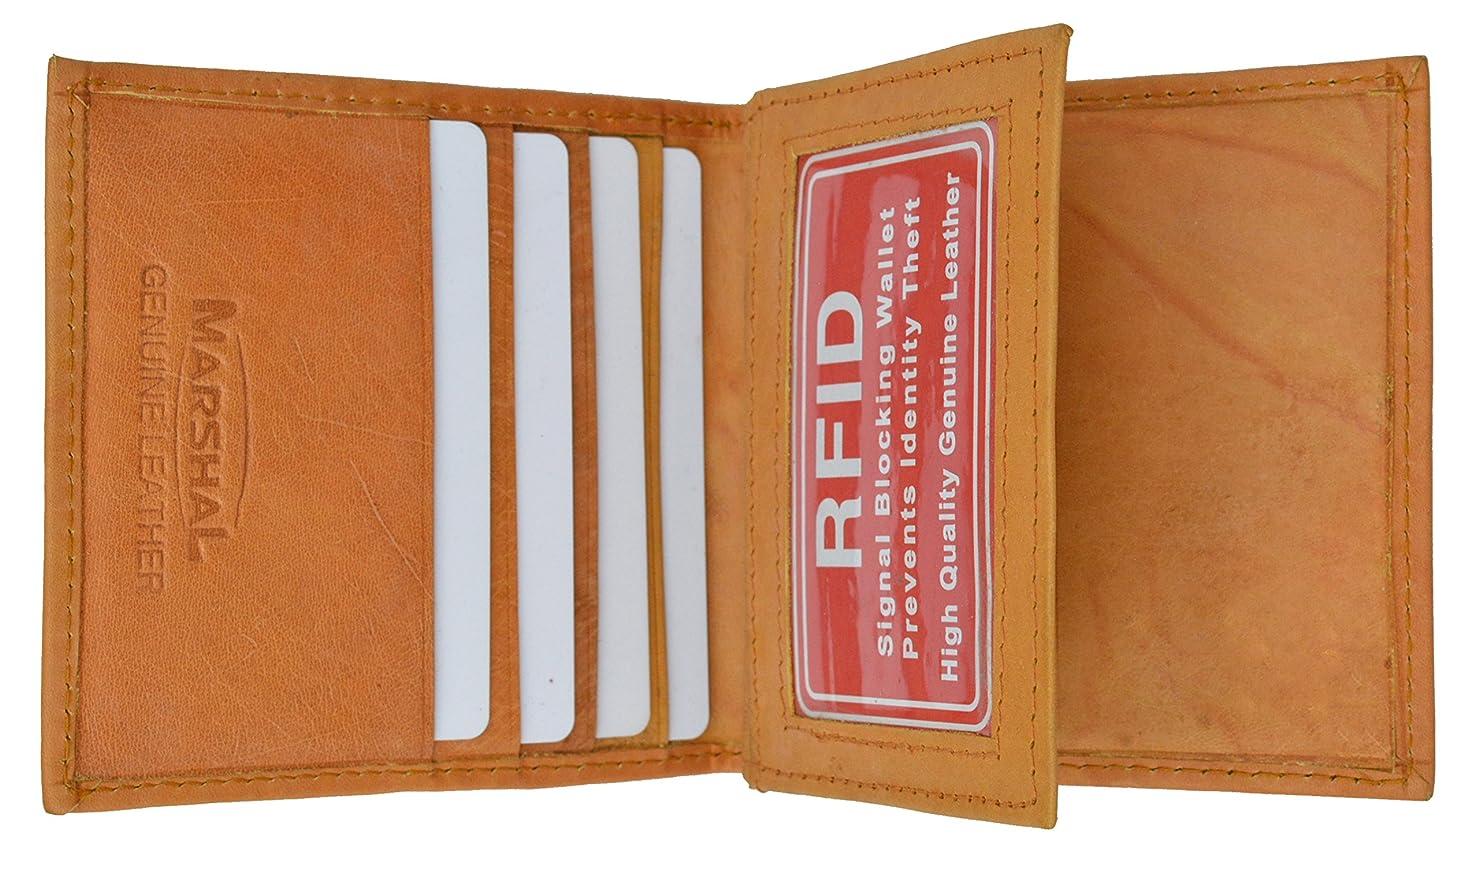 司法控える複雑なRFIDブロック安全セキュリティレザークレジットカードIDビジネスカードセンターフラップウォレット